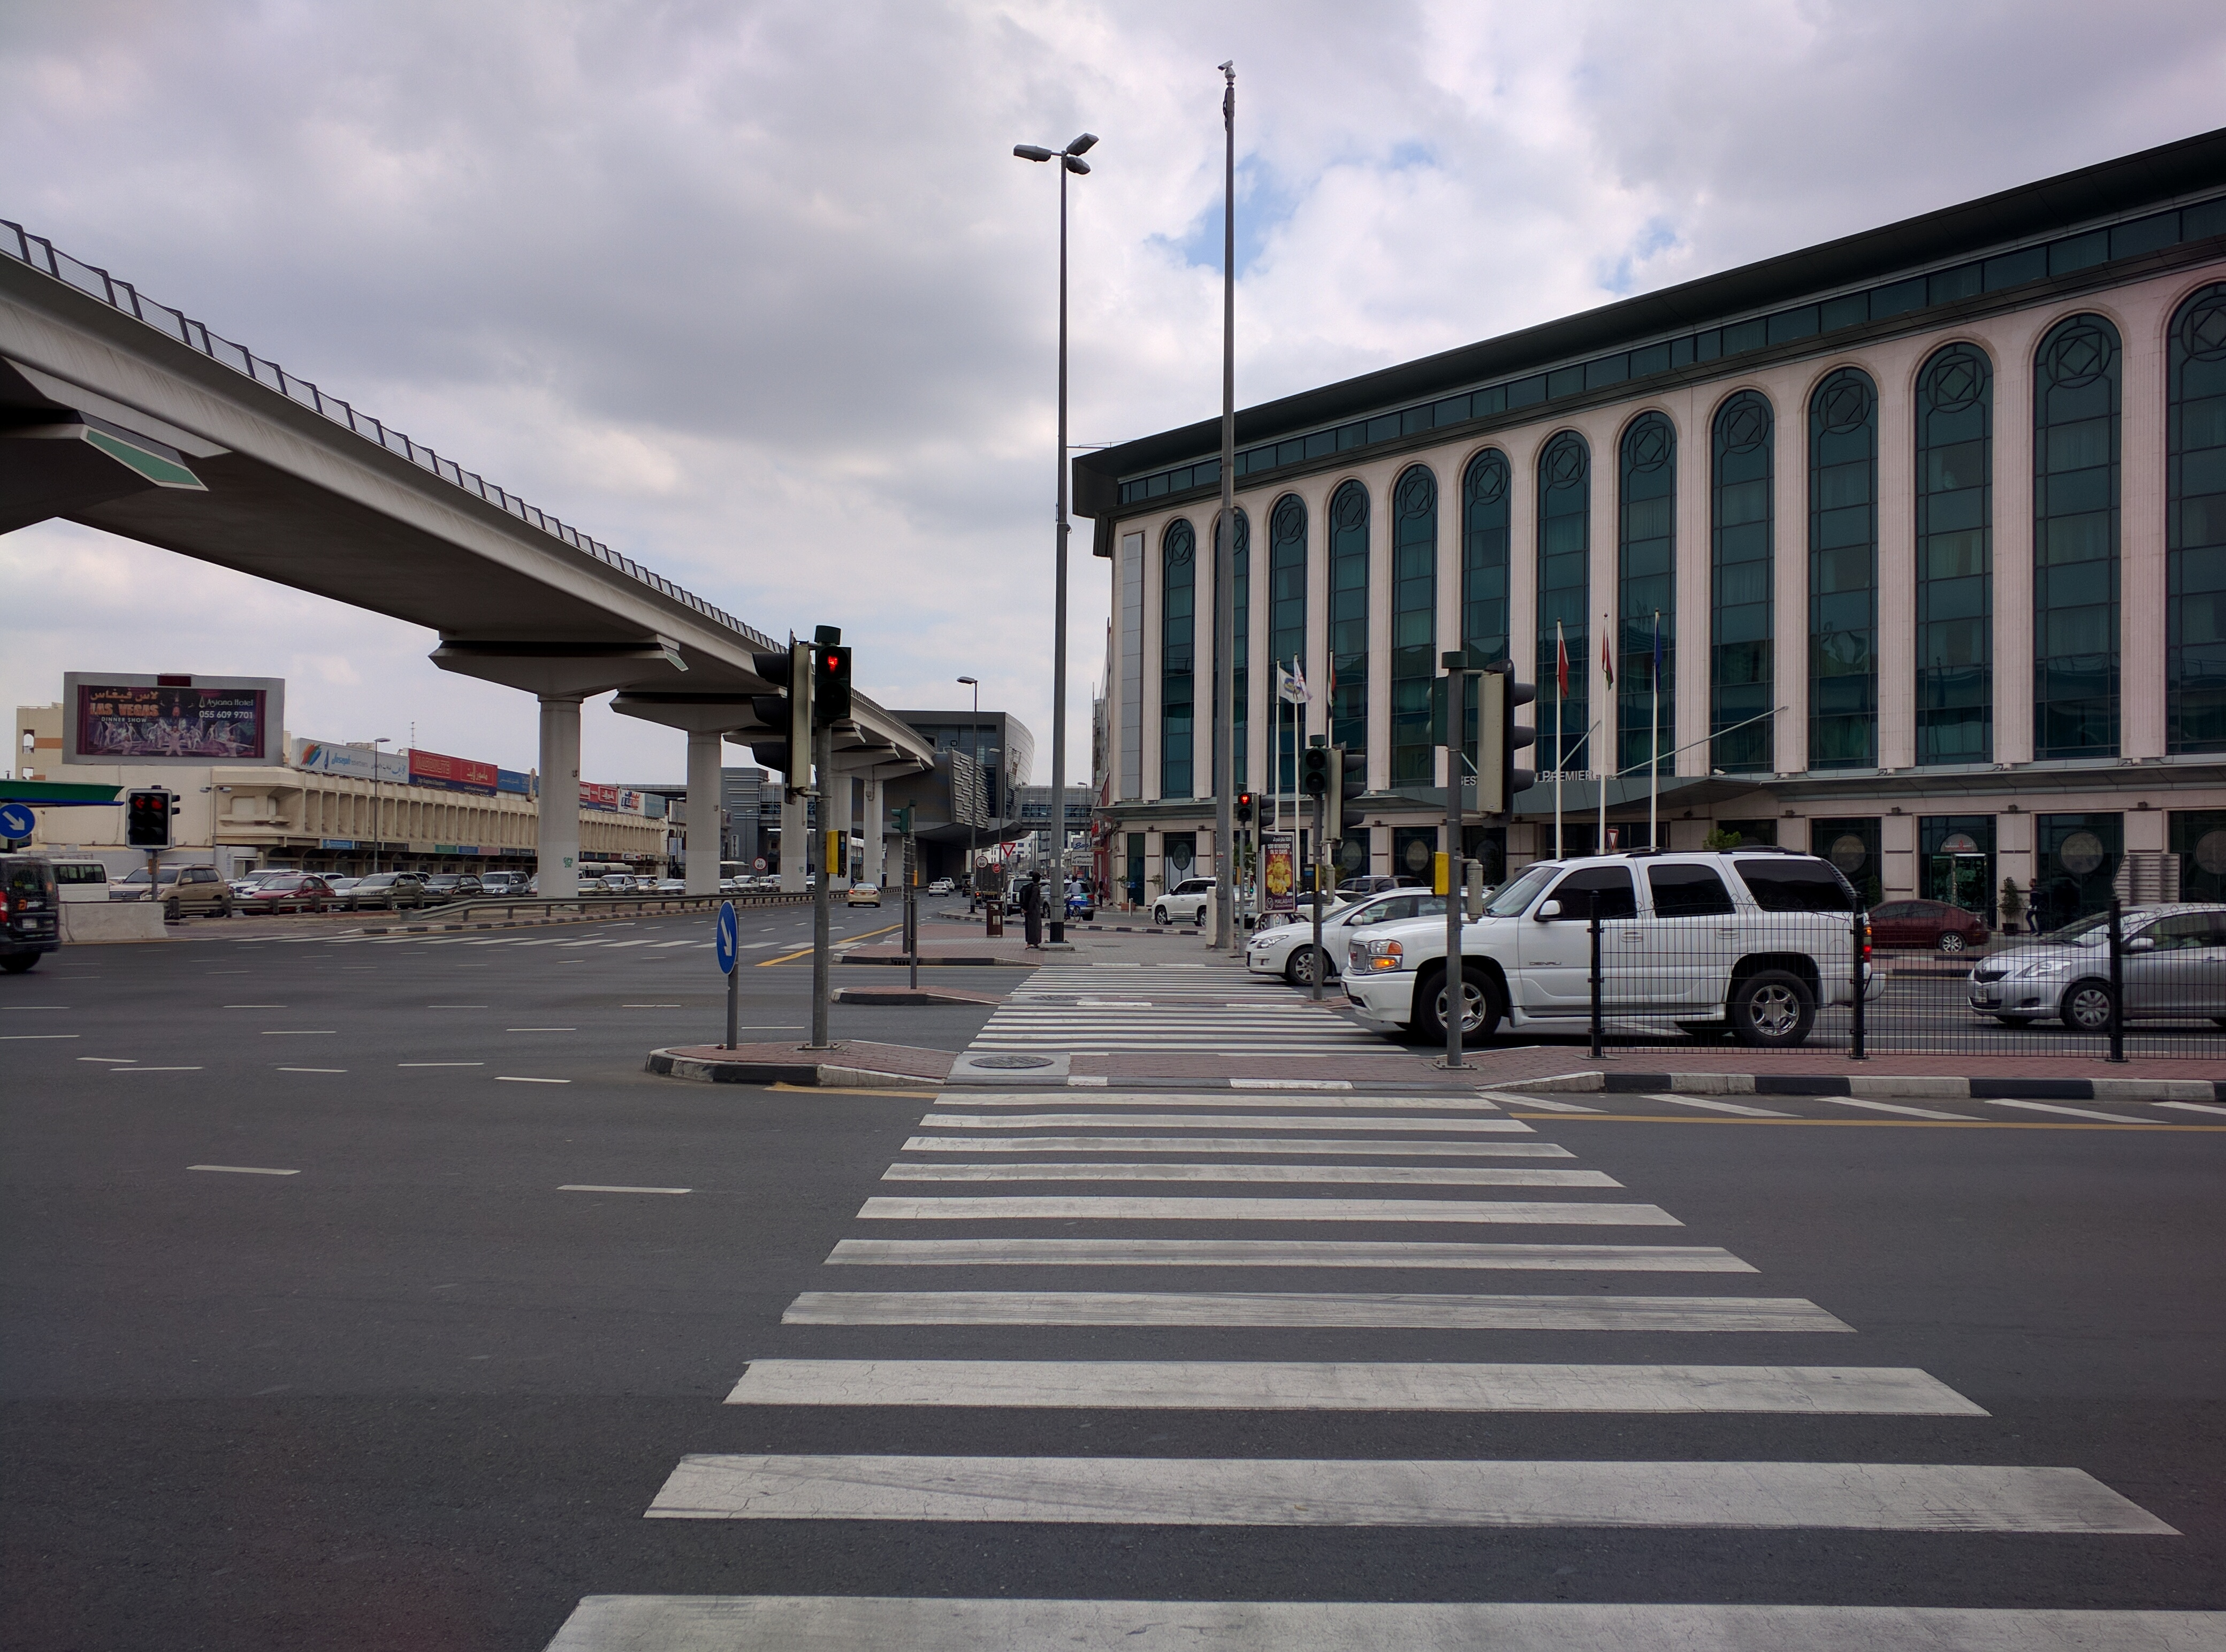 «Арабская жемчужина» или как мы удивлялись дорогам и транспорту в Дубае 4